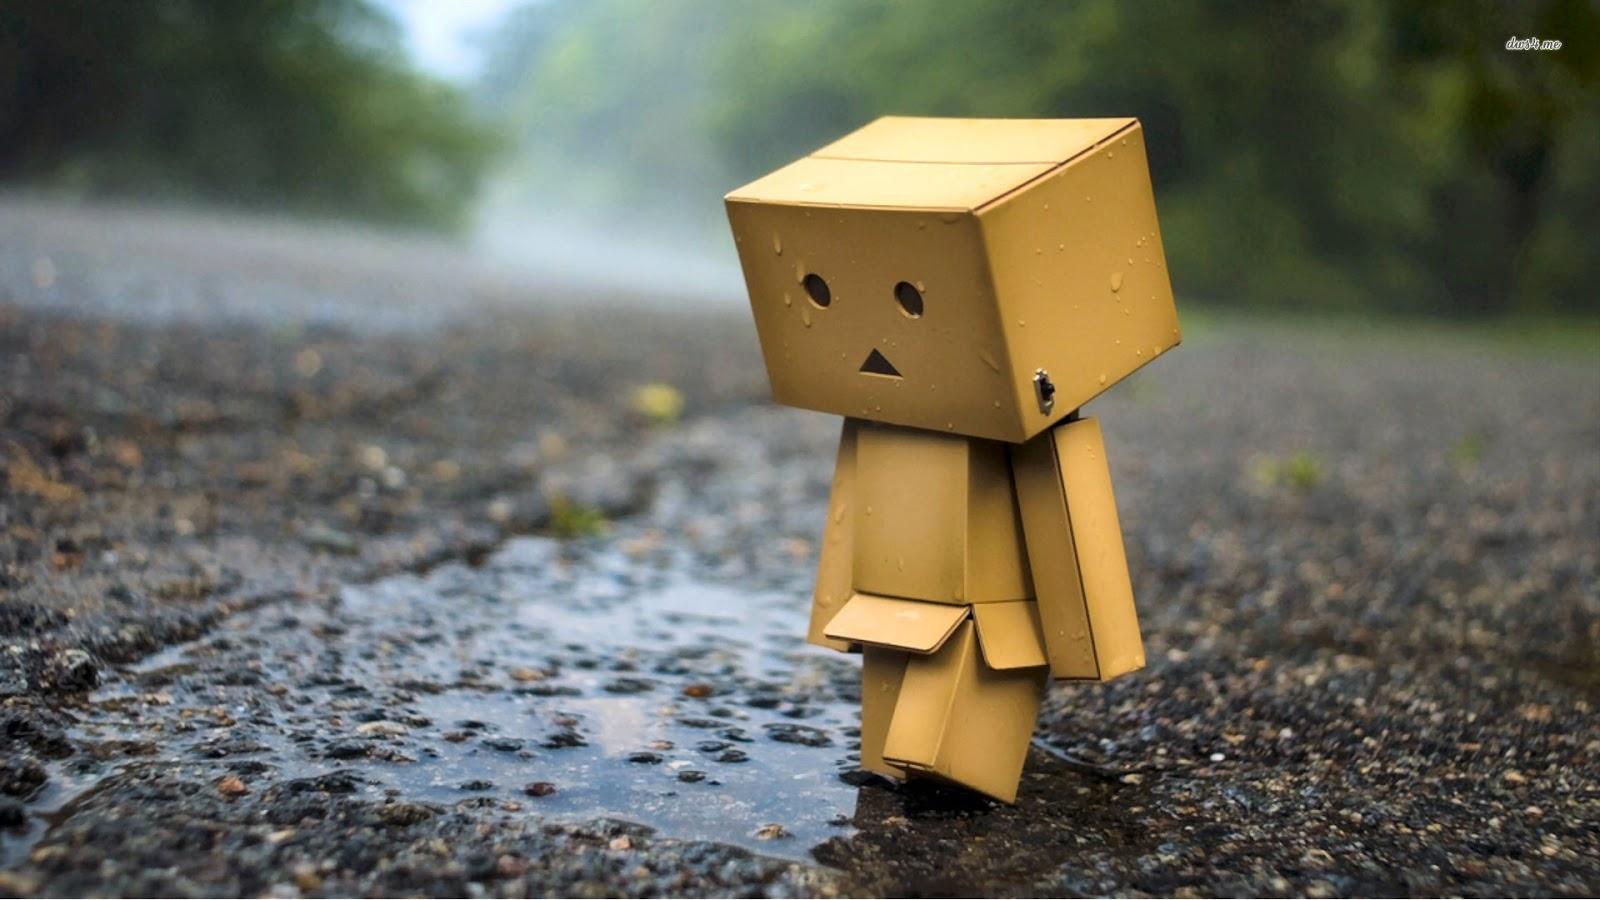 Hình ảnh người gỗ đứng cúi đầu sau cơn mưa